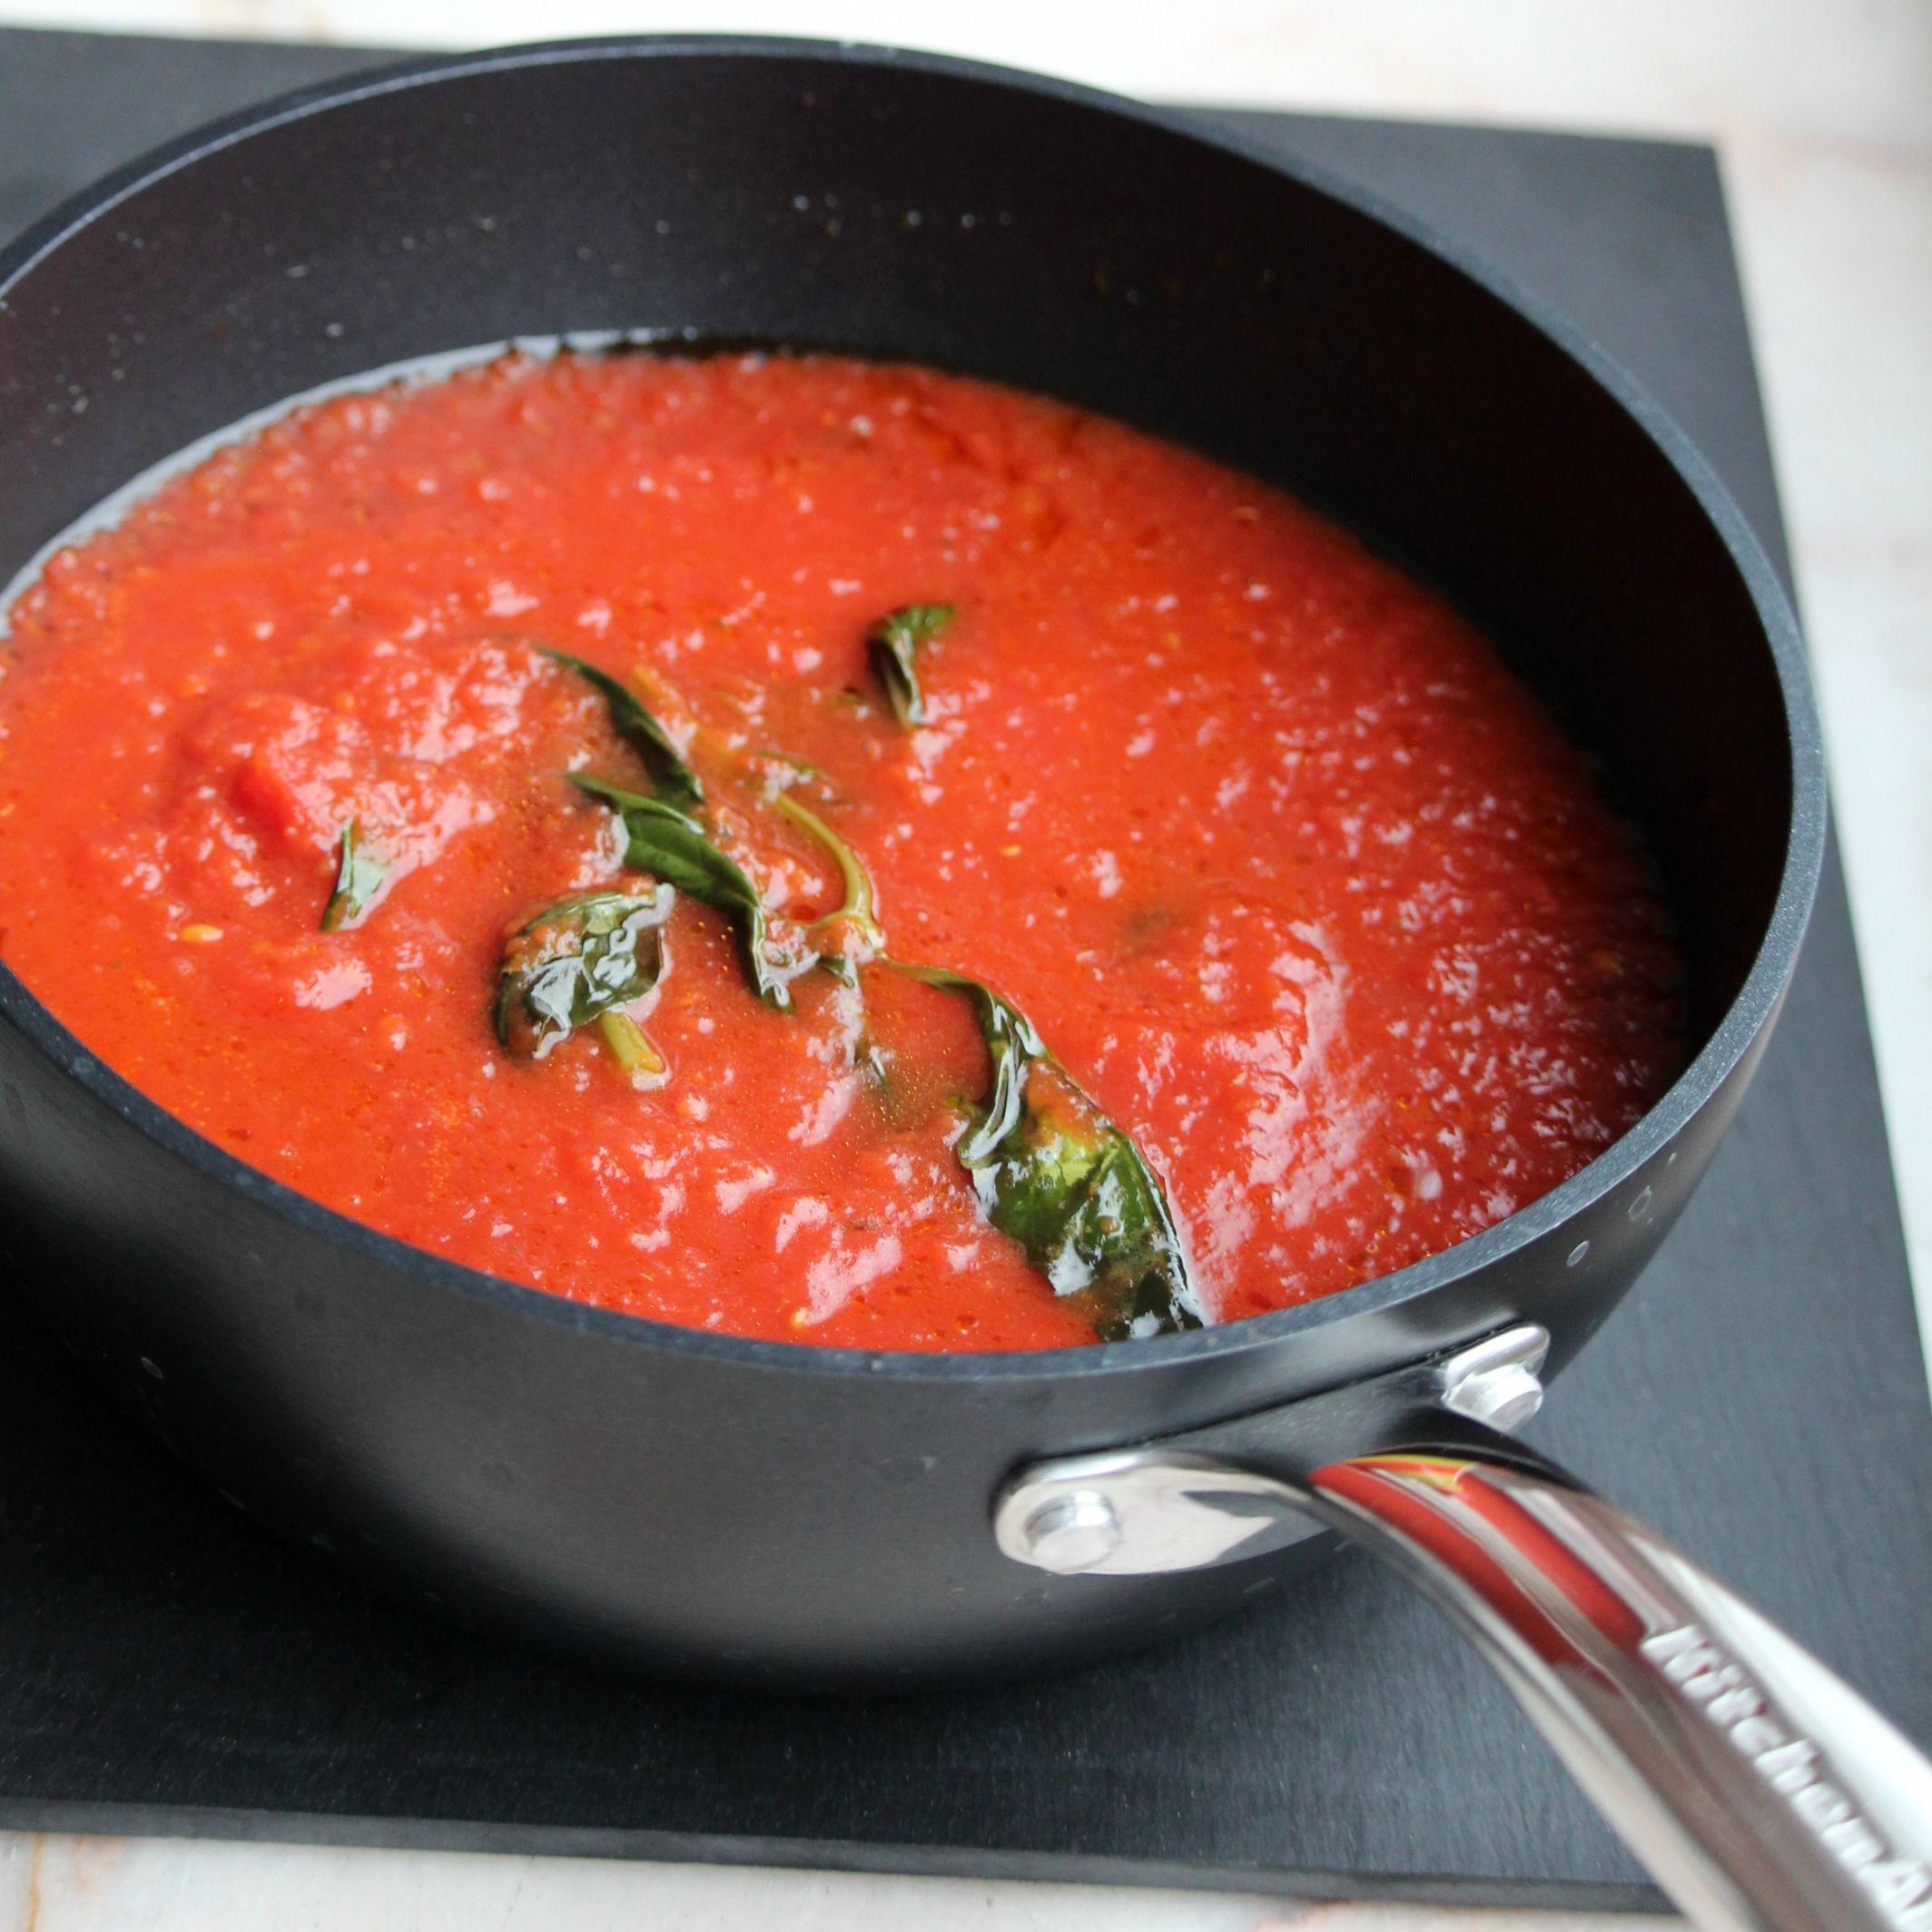 Sugo di Pomodoro (Authentic Italian Tomato Sauce)